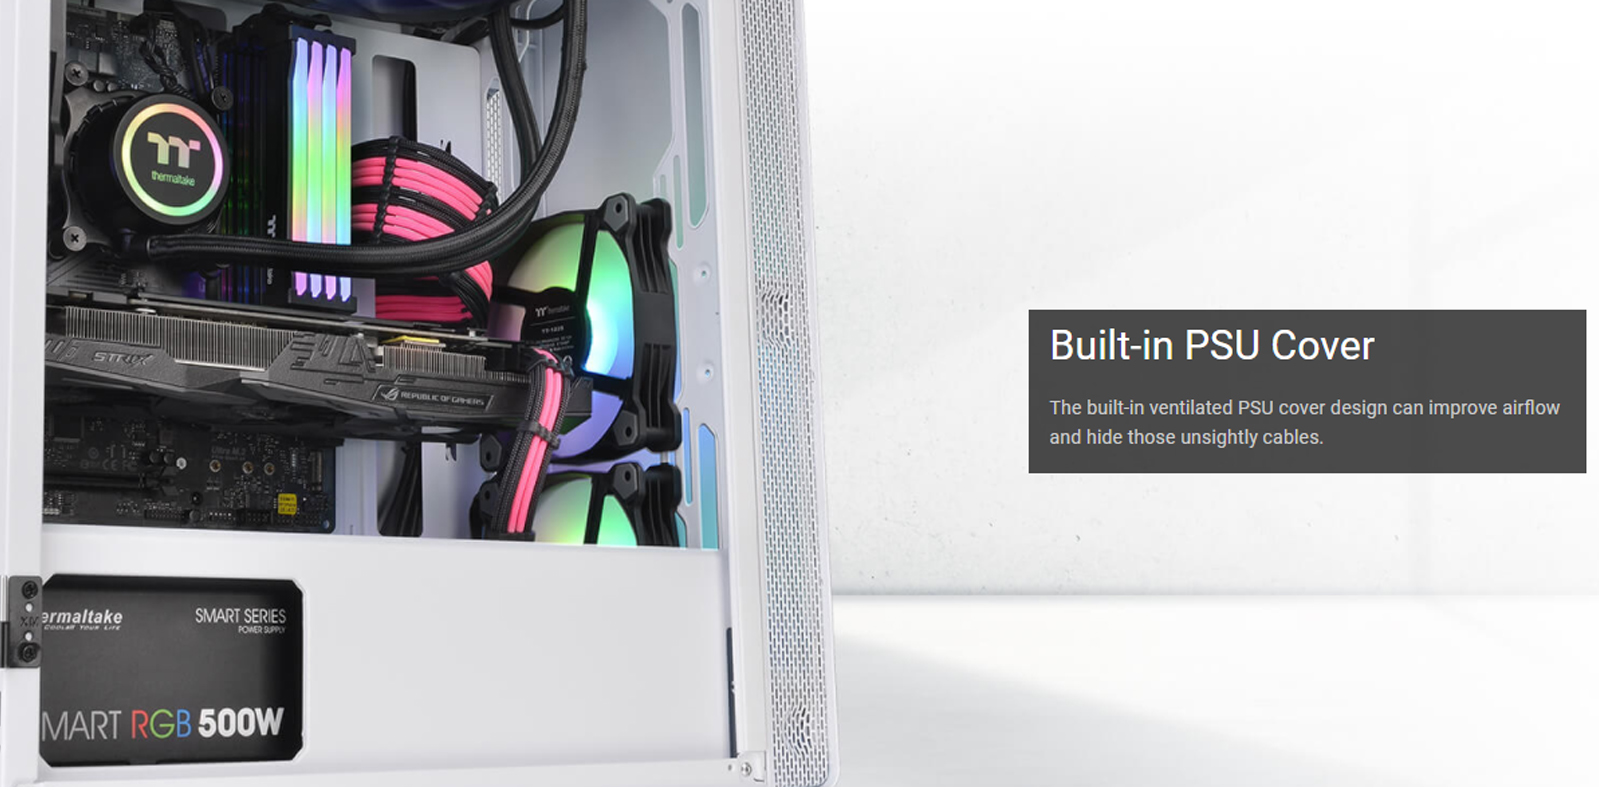 Vỏ Case Thermaltake S100 Tempered Glass Snow Edition (Mid Tower / Màu Trắng) tích hợp sẵn khay che nguồn, thuận tiện cho việc đi dây